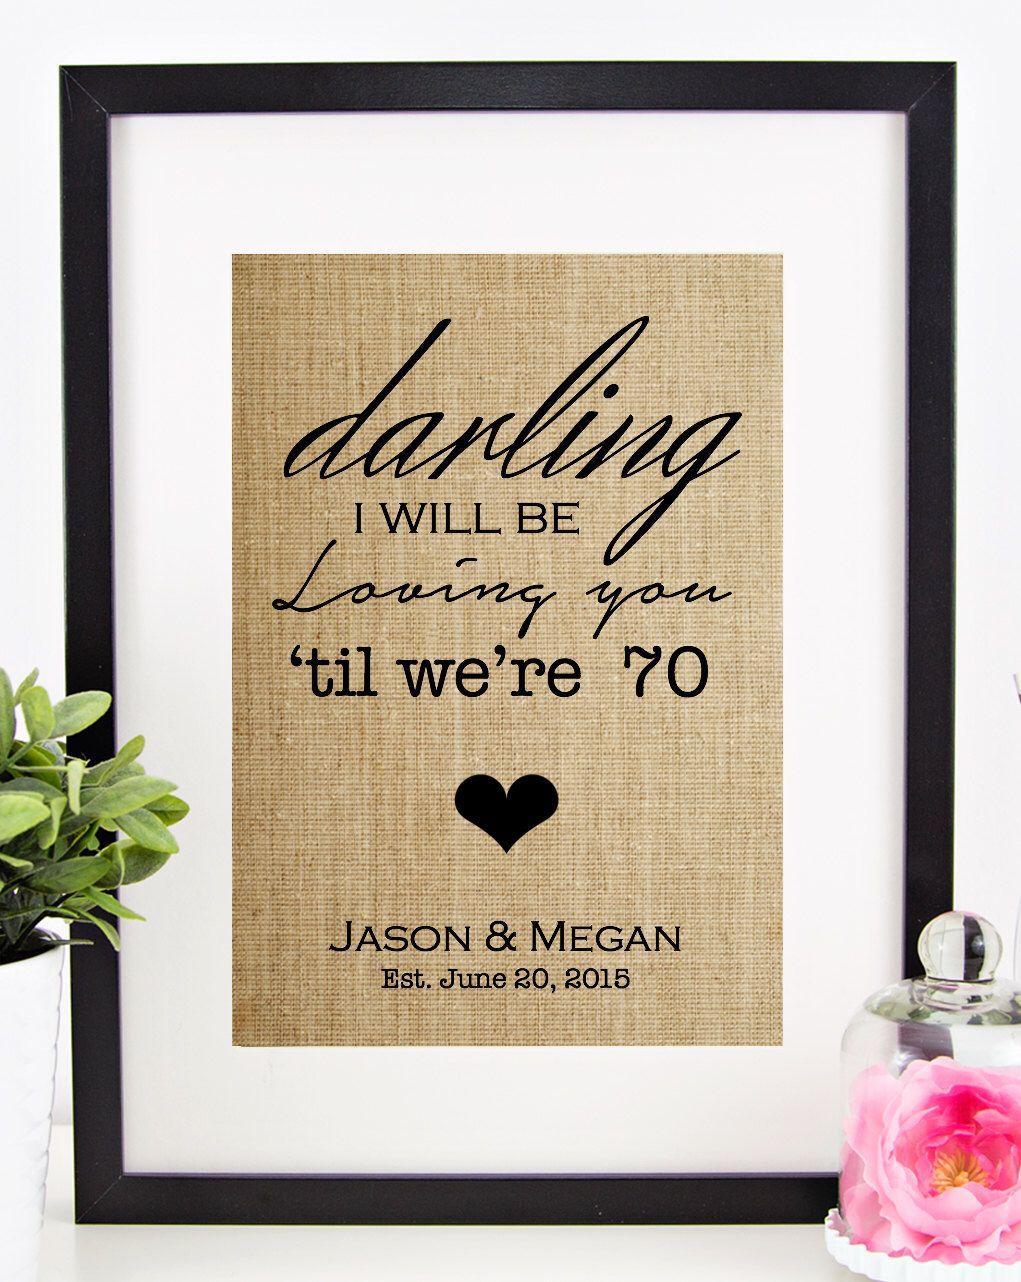 Thinking Out Loud Lyrics Burlap Print | Ed Sheeran Lyrics | Personalized Wedding Gift for Couple | Reception Sign | Wedding Song Lyrics by chathamplace on Etsy https://www.etsy.com/listing/235492346/thinking-out-loud-lyrics-burlap-print-ed